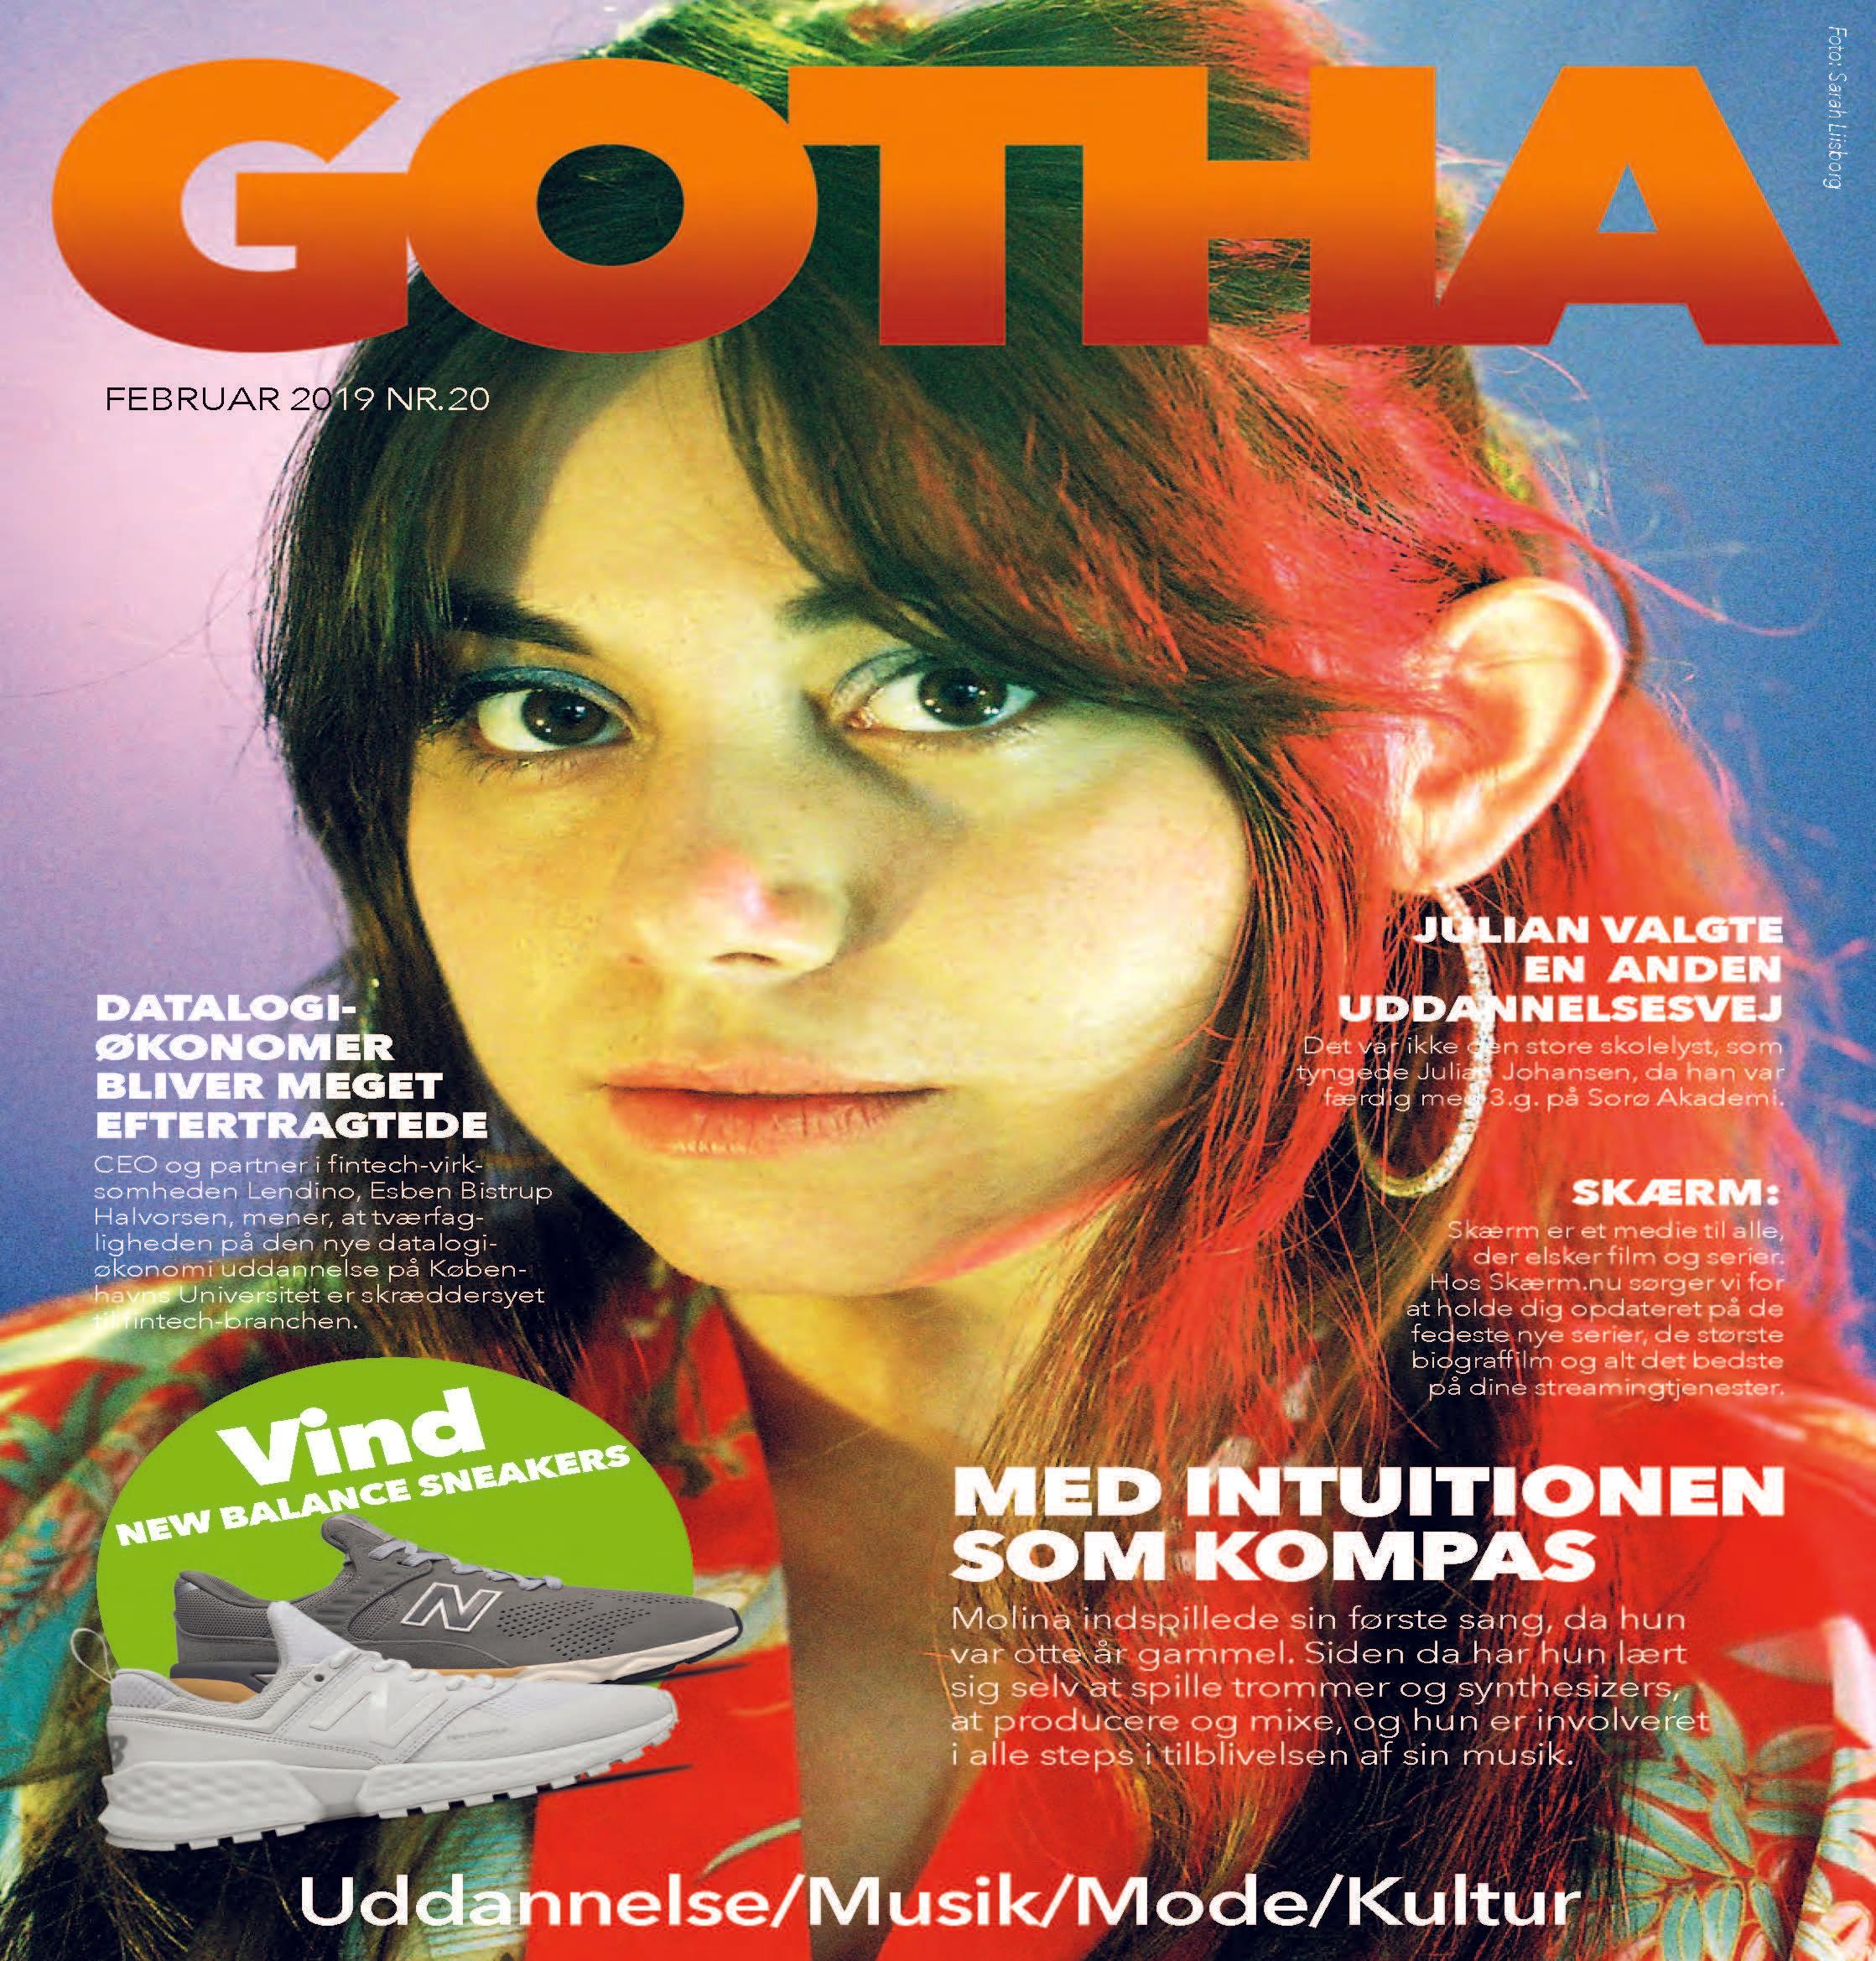 Gotha 22. maj 2019